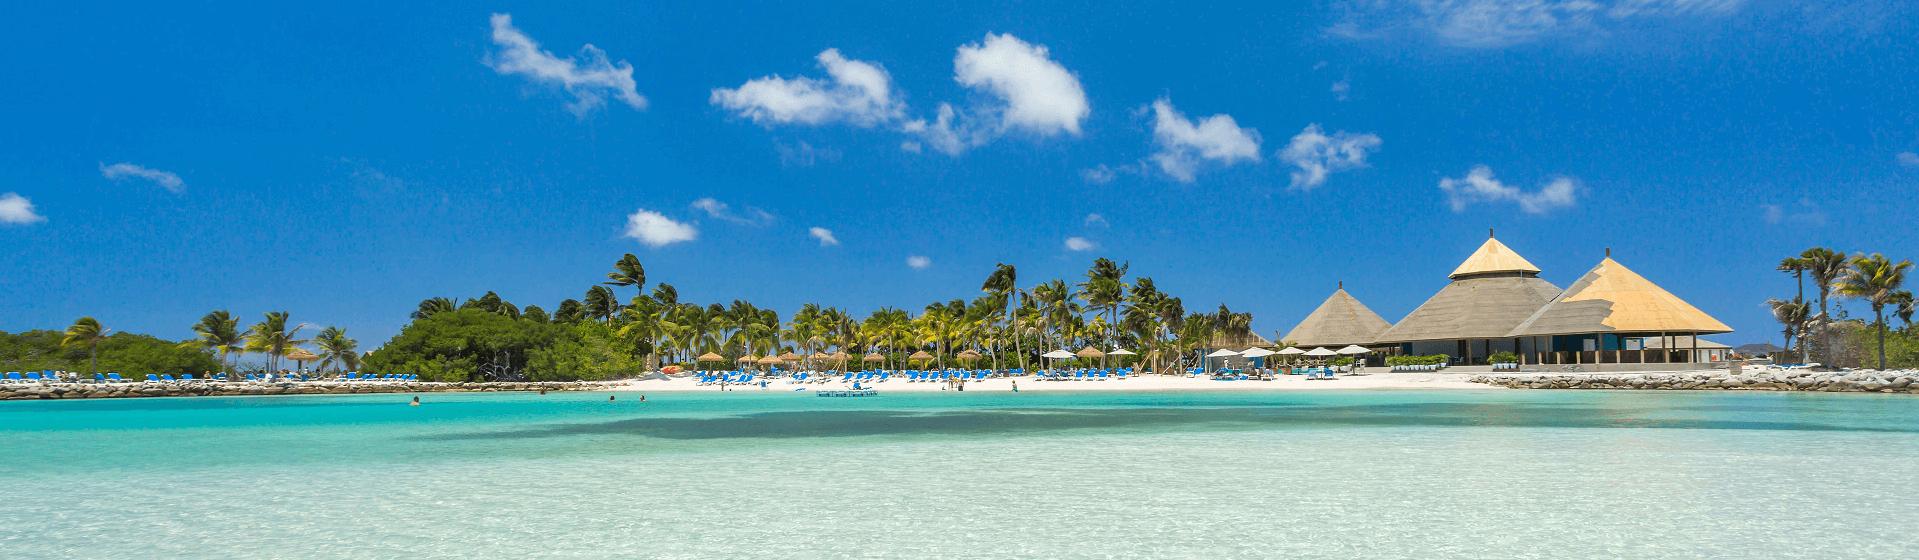 Urlaub und Ferien auf Aruba